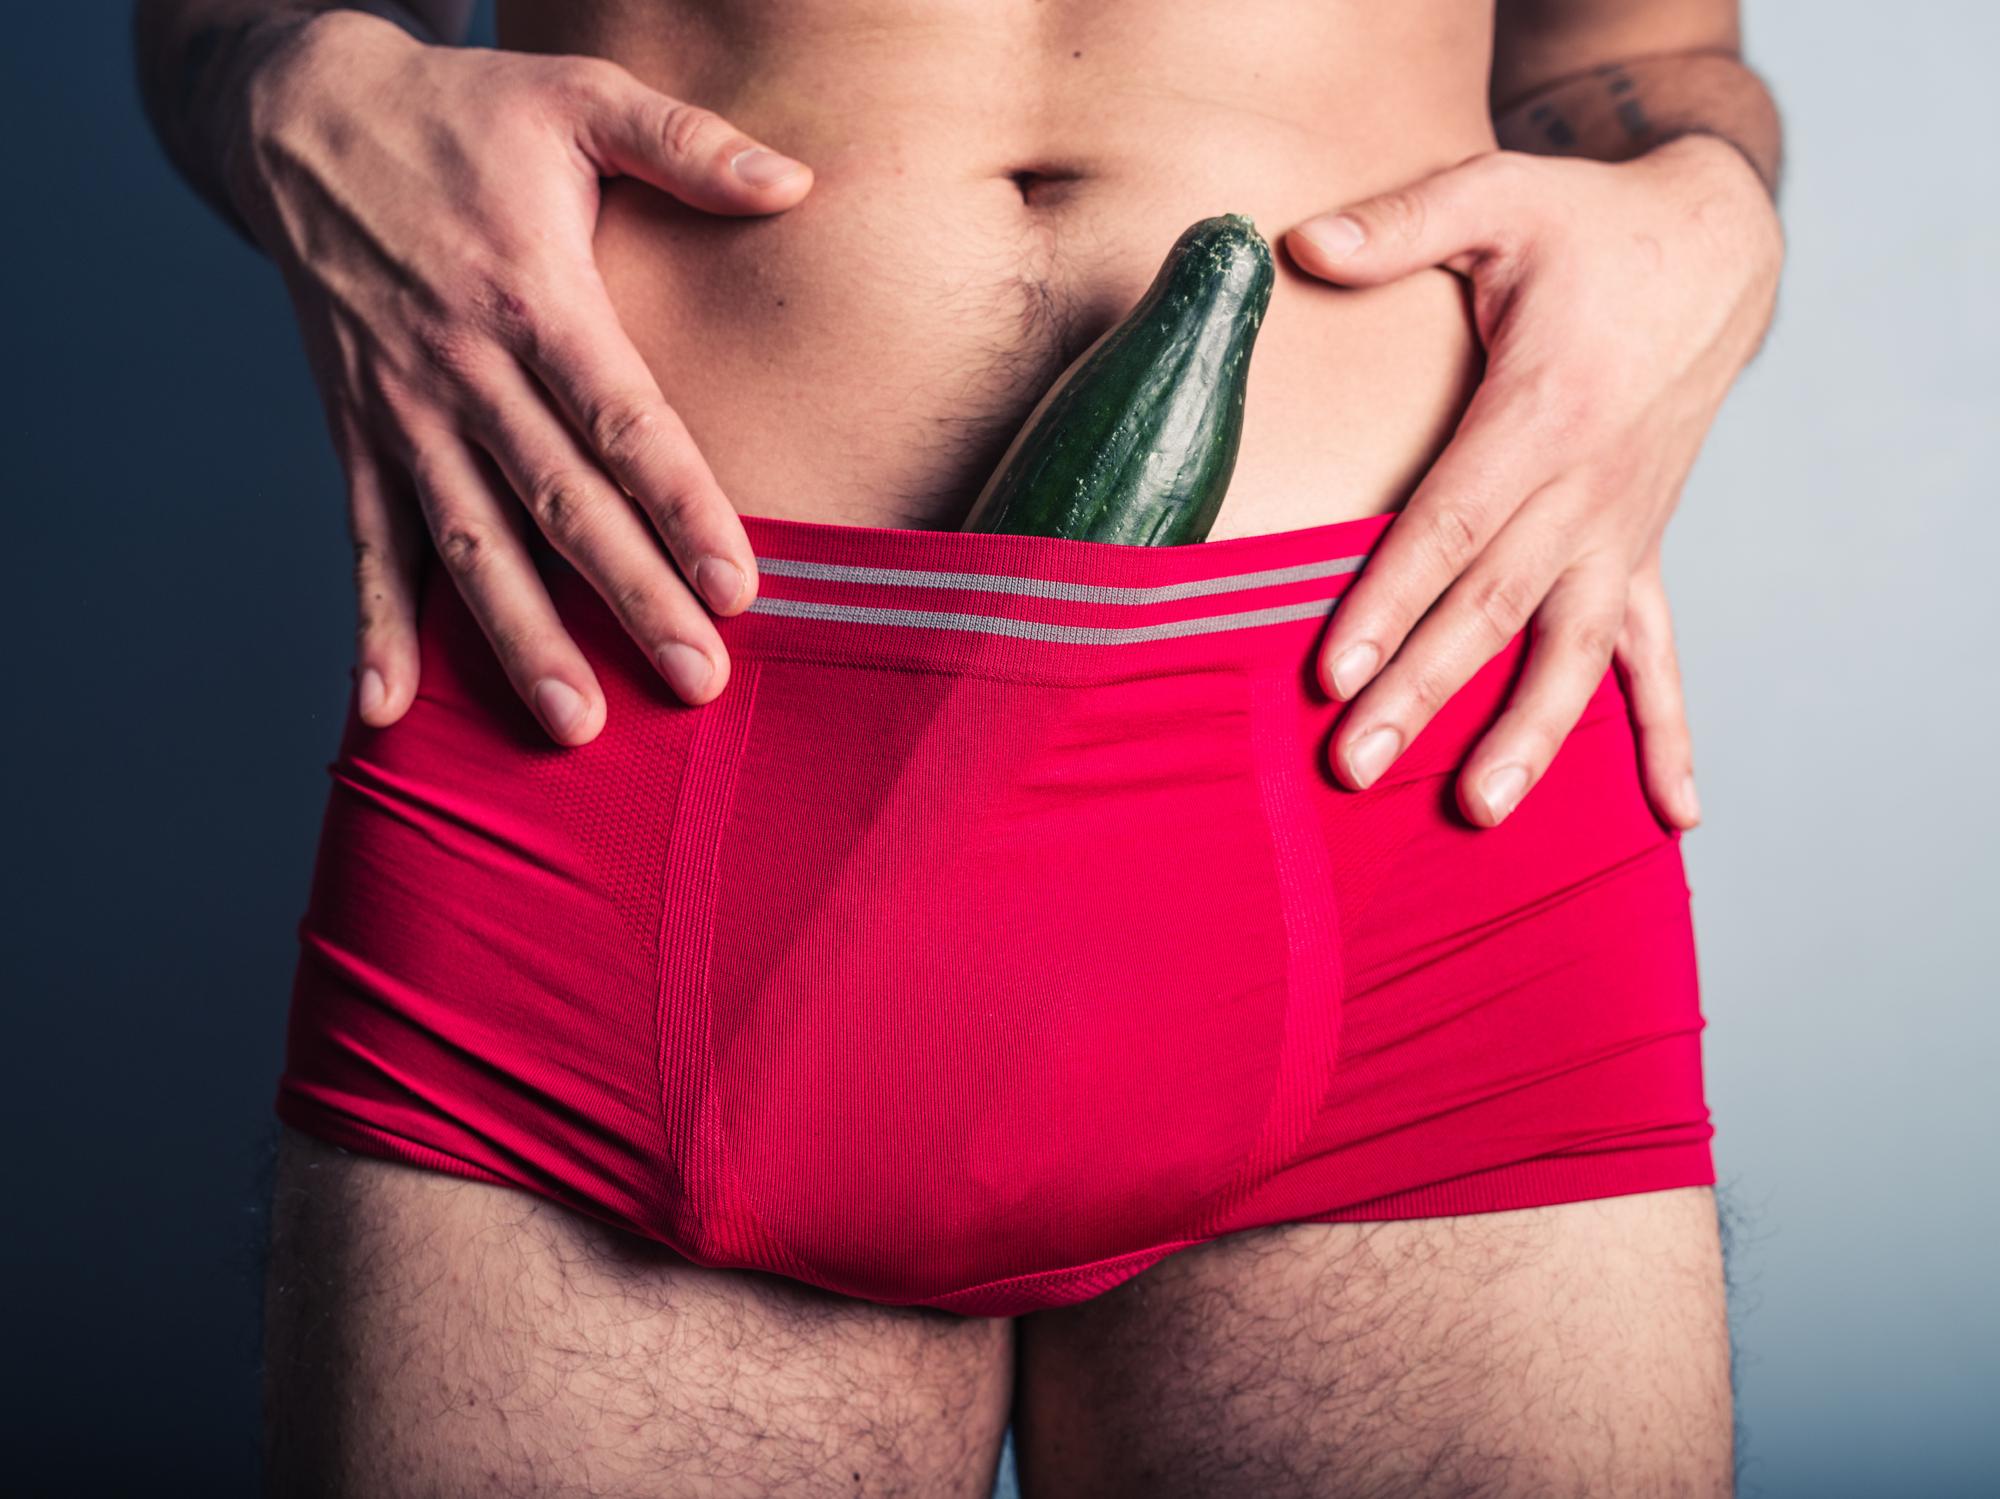 nagyon hatalmas pénisz befolyásolja-e a péniszt